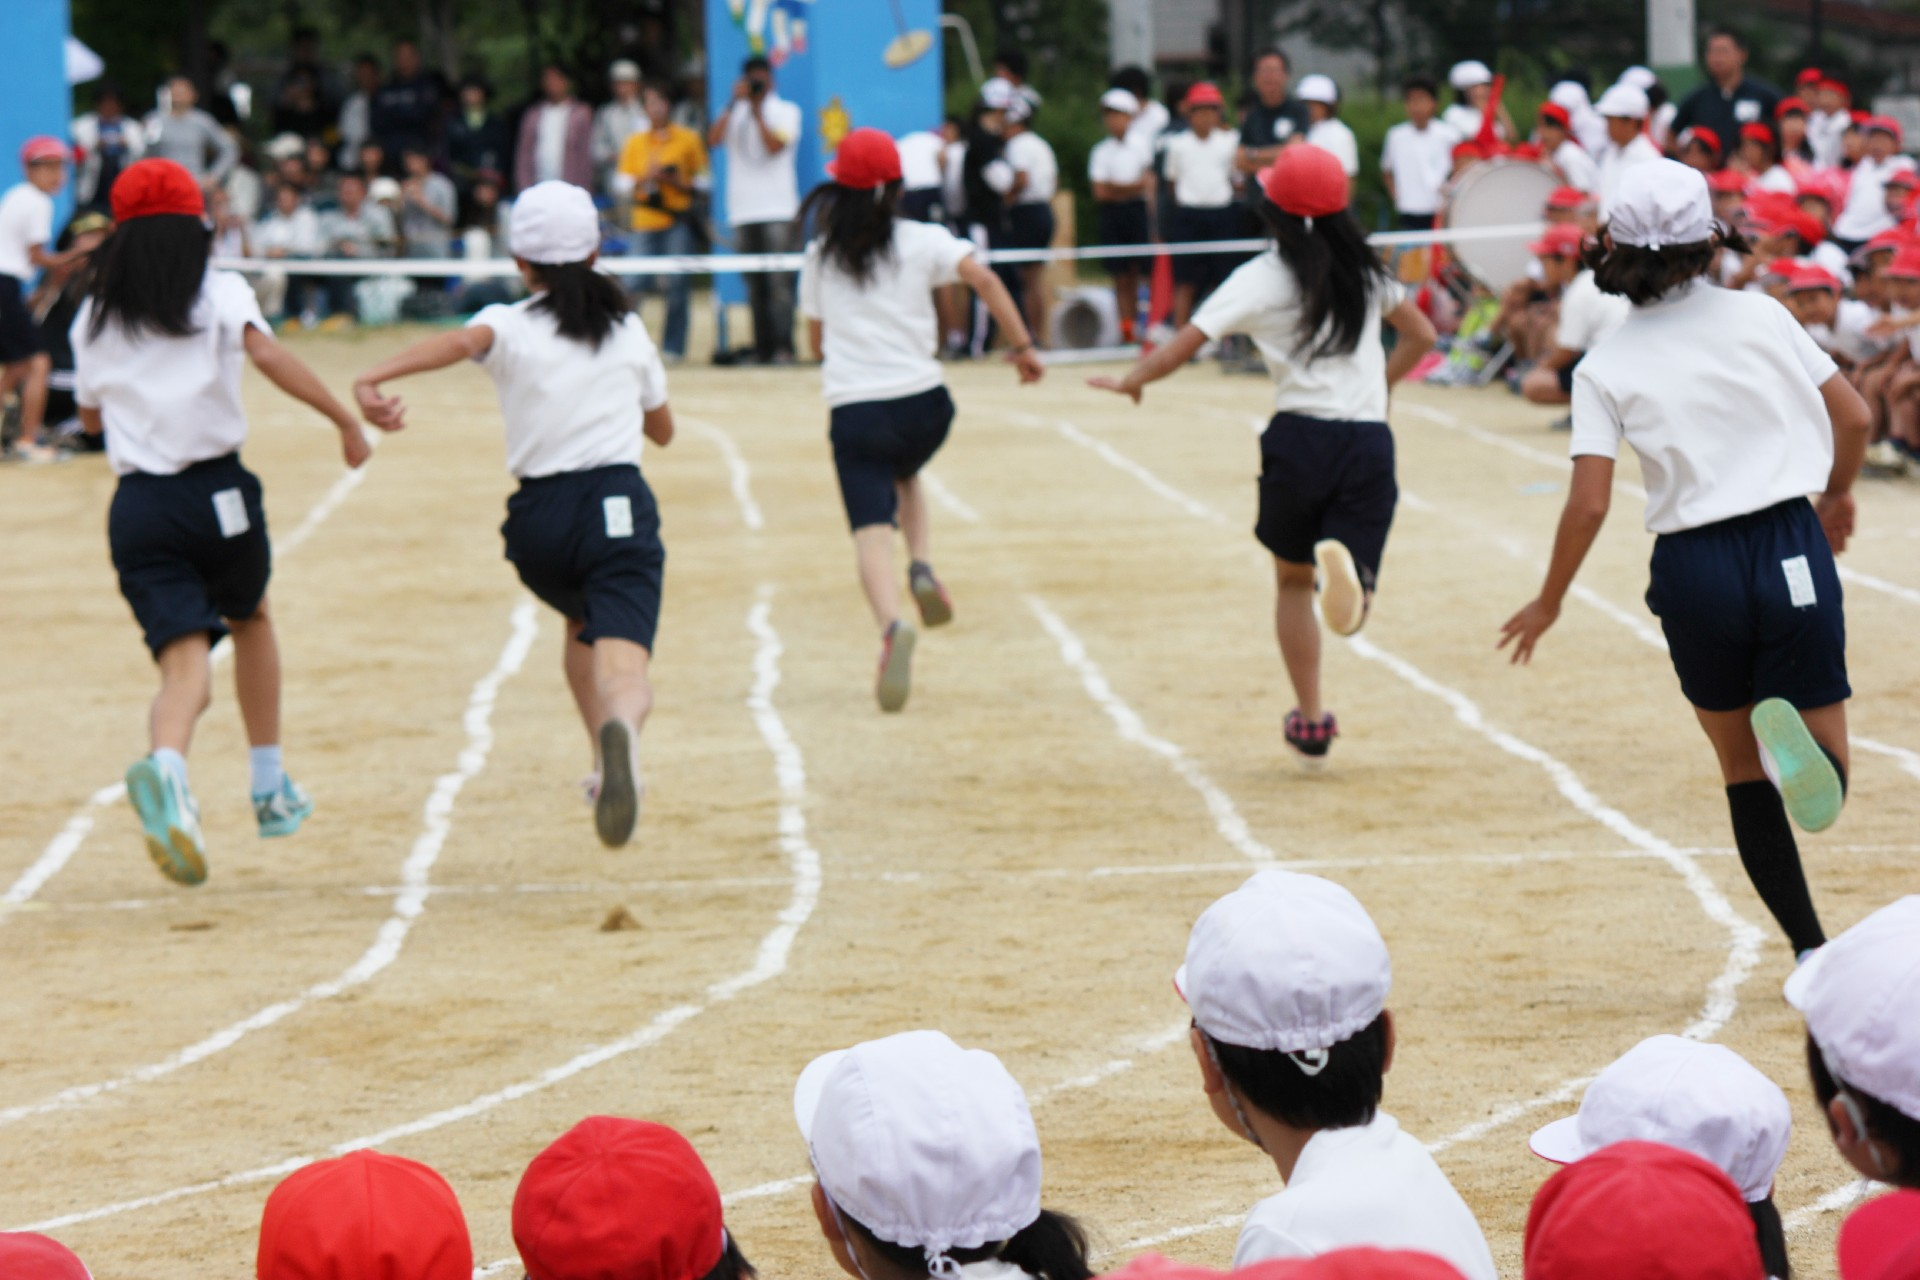 日本の子どもの体力・運動能力はどうすれば上がるのか?-30年前よりも低水準!10人に一人が肥満!